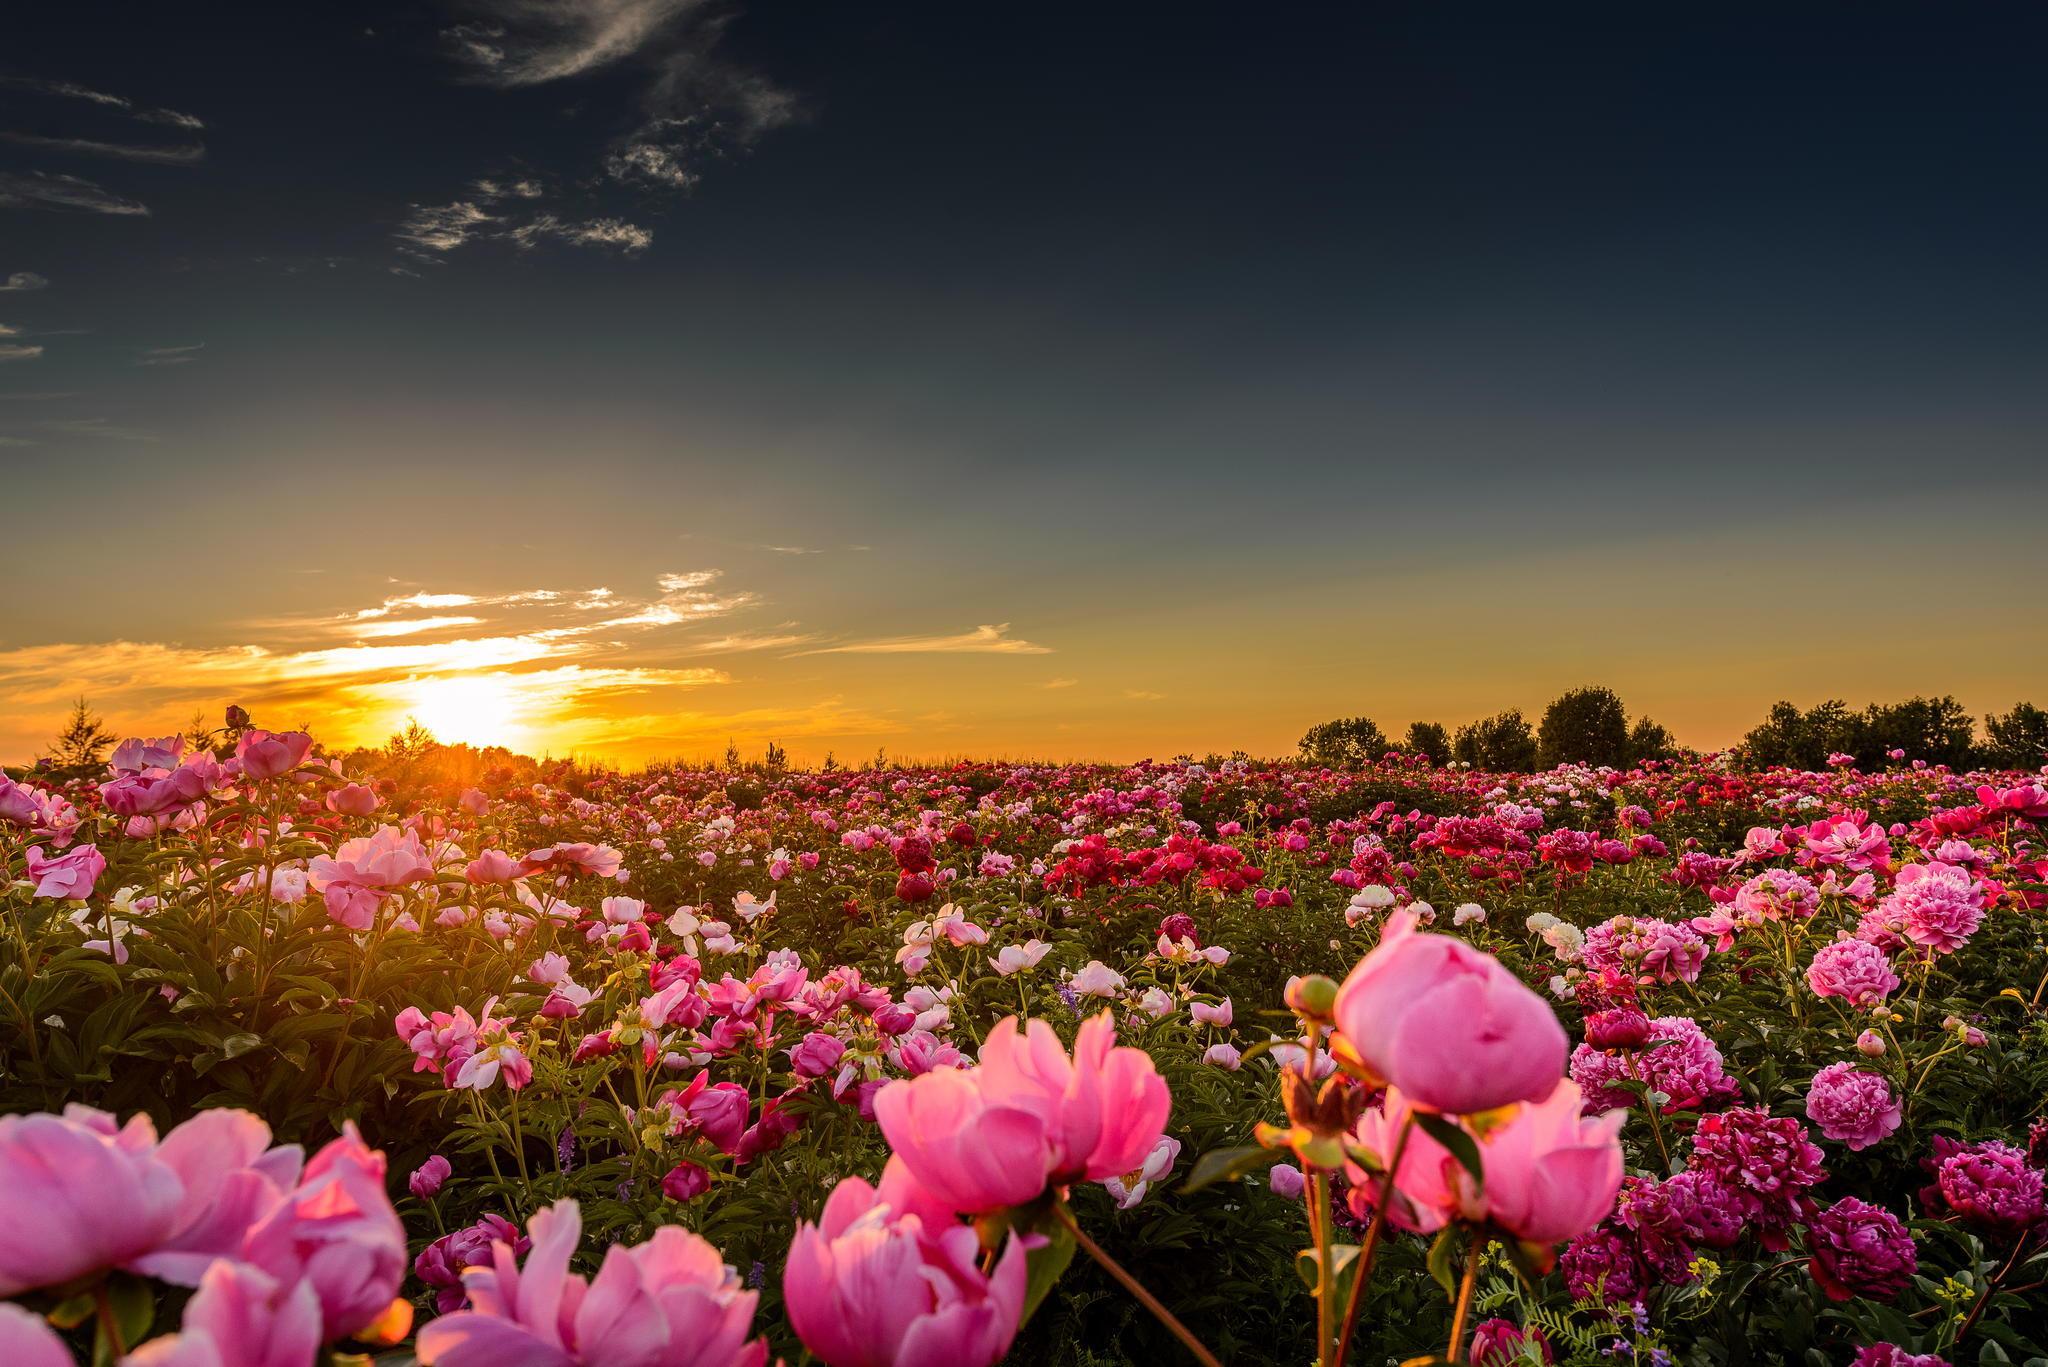 растение картинки на телефон красивые цветы и природа вертолетчики натуре романтики